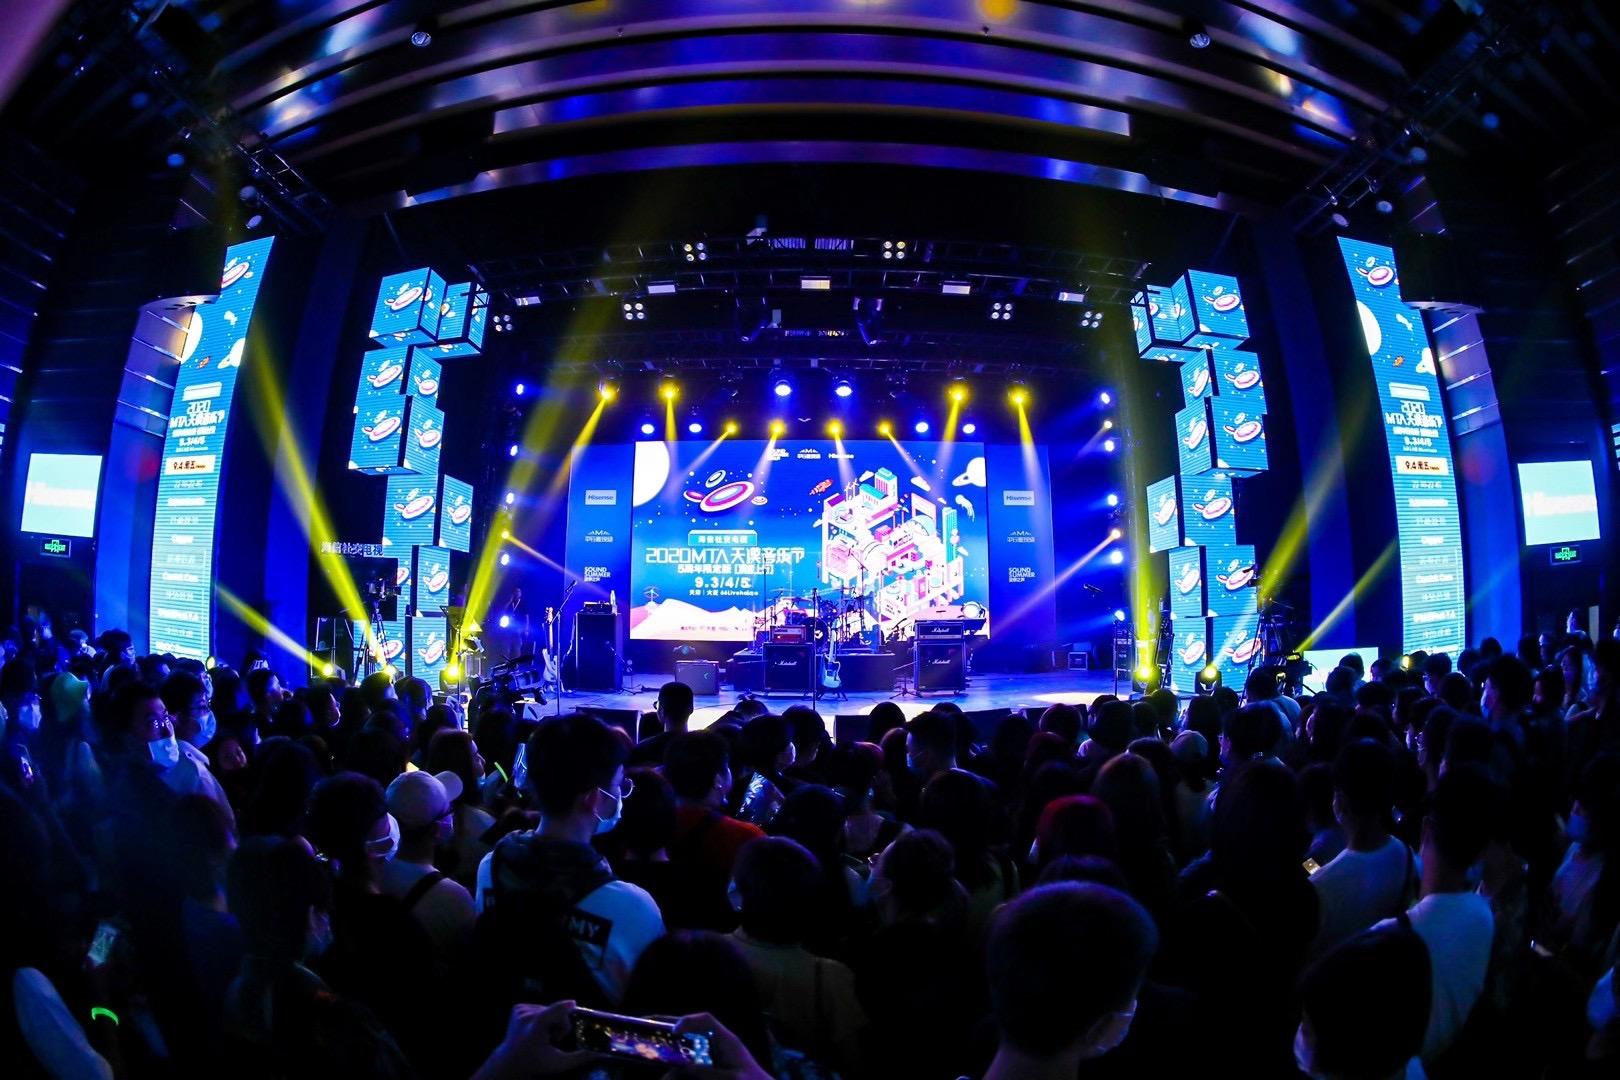 海信社交电视新品天漠音乐节首发,支持千人云视频、325°全景看家